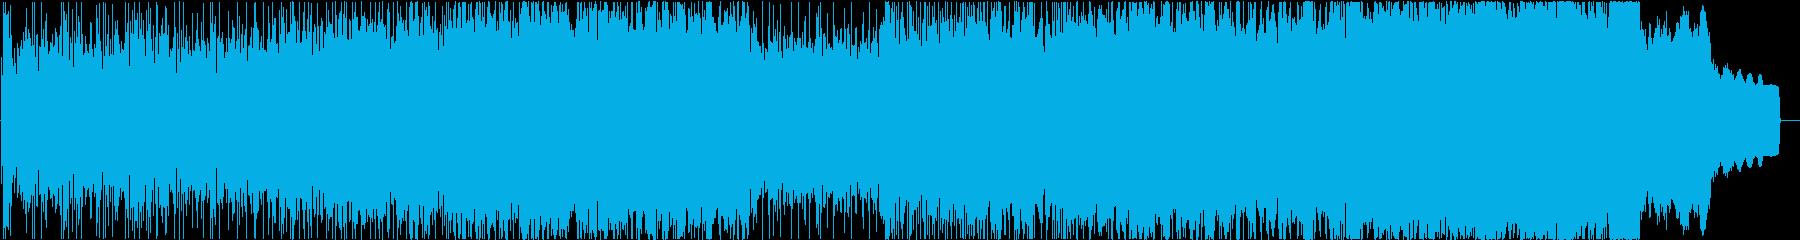 攻撃的なロックサウンドの再生済みの波形